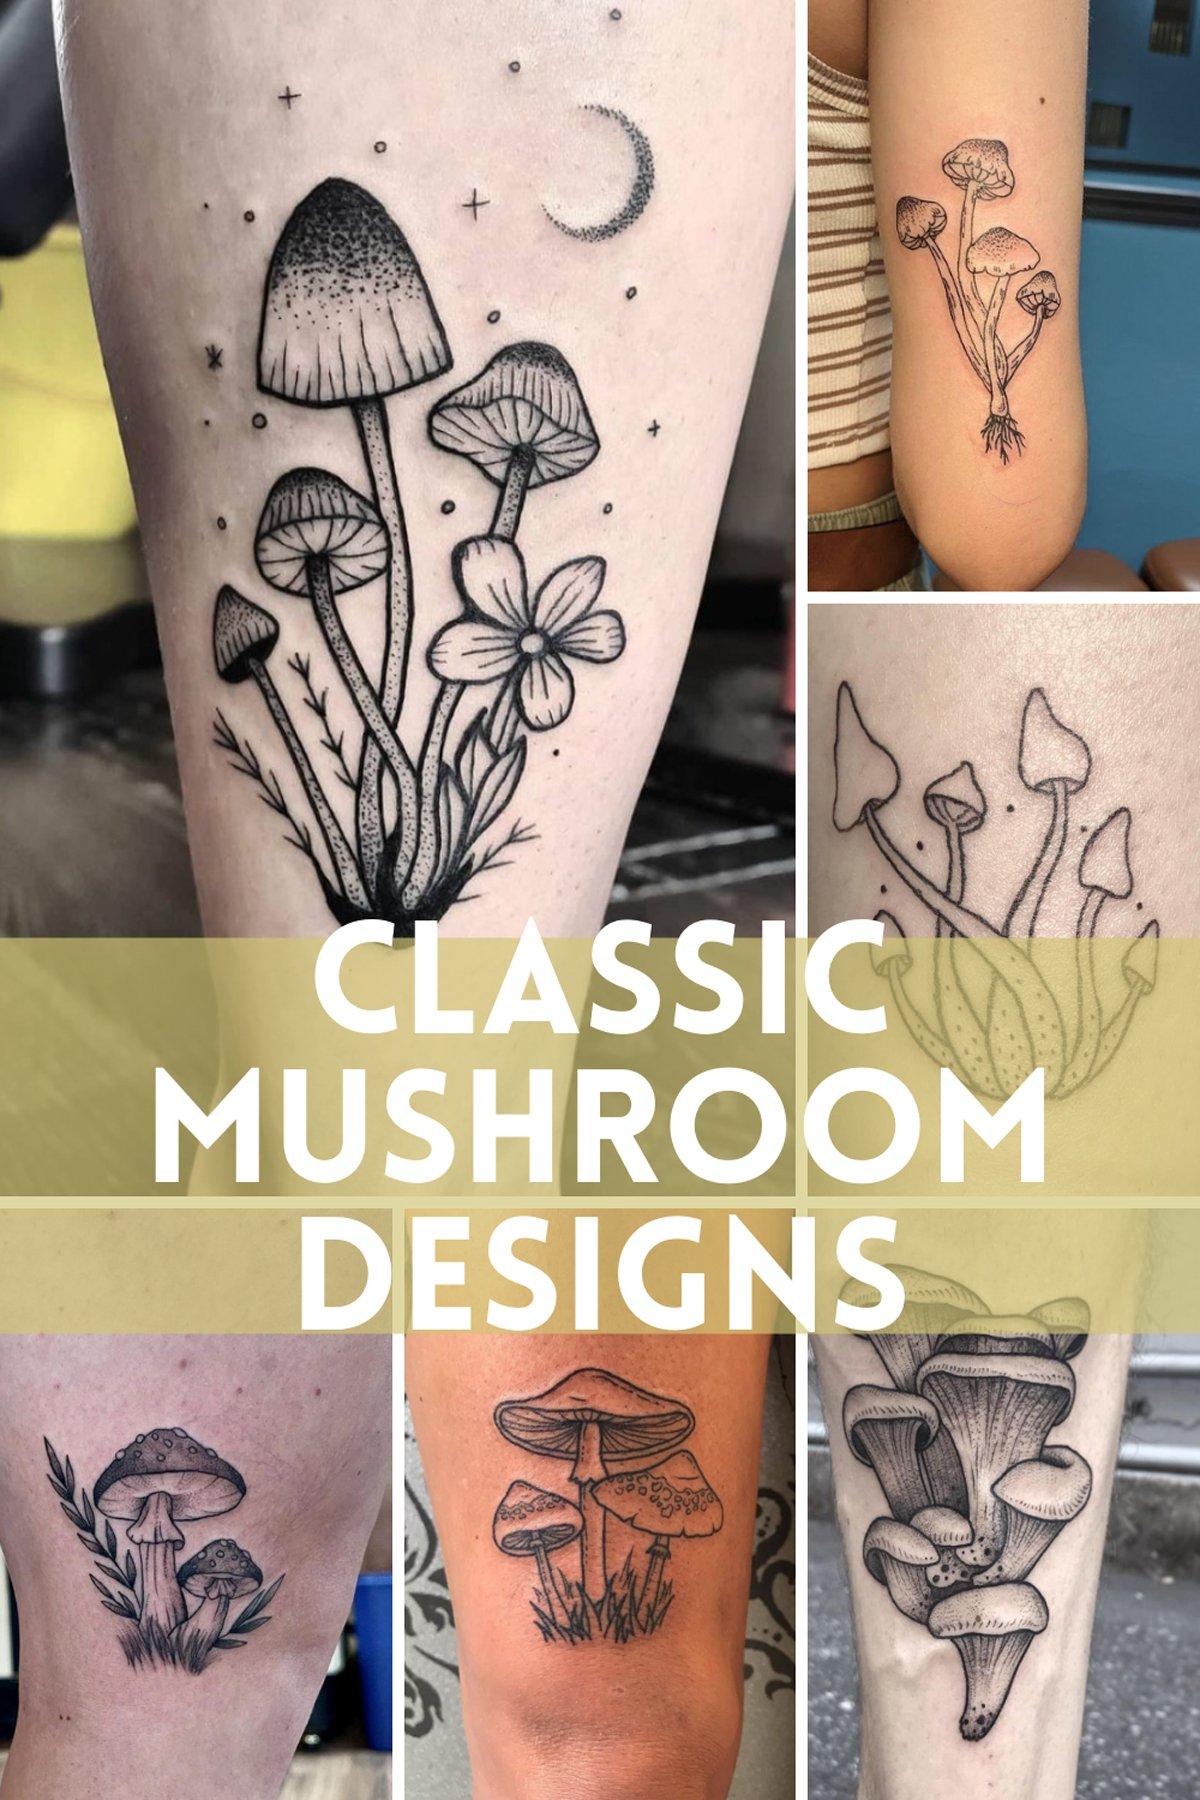 Traditional Mushroom Tattoo Classic Ideas